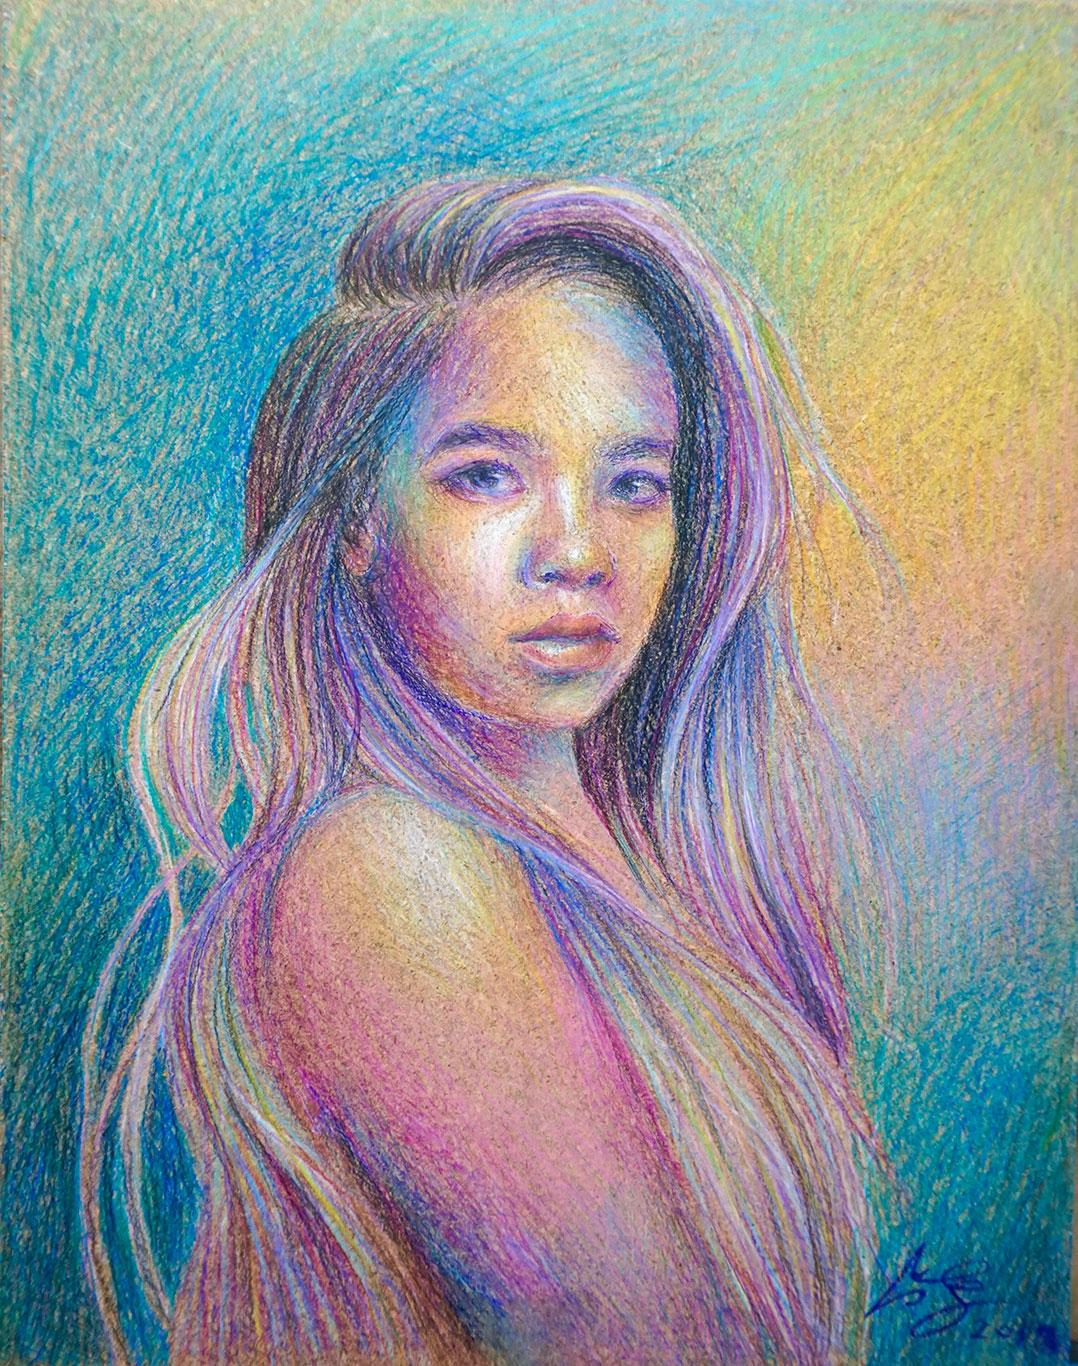 Caran d'Ache Crayon Drawing, Megan Ong